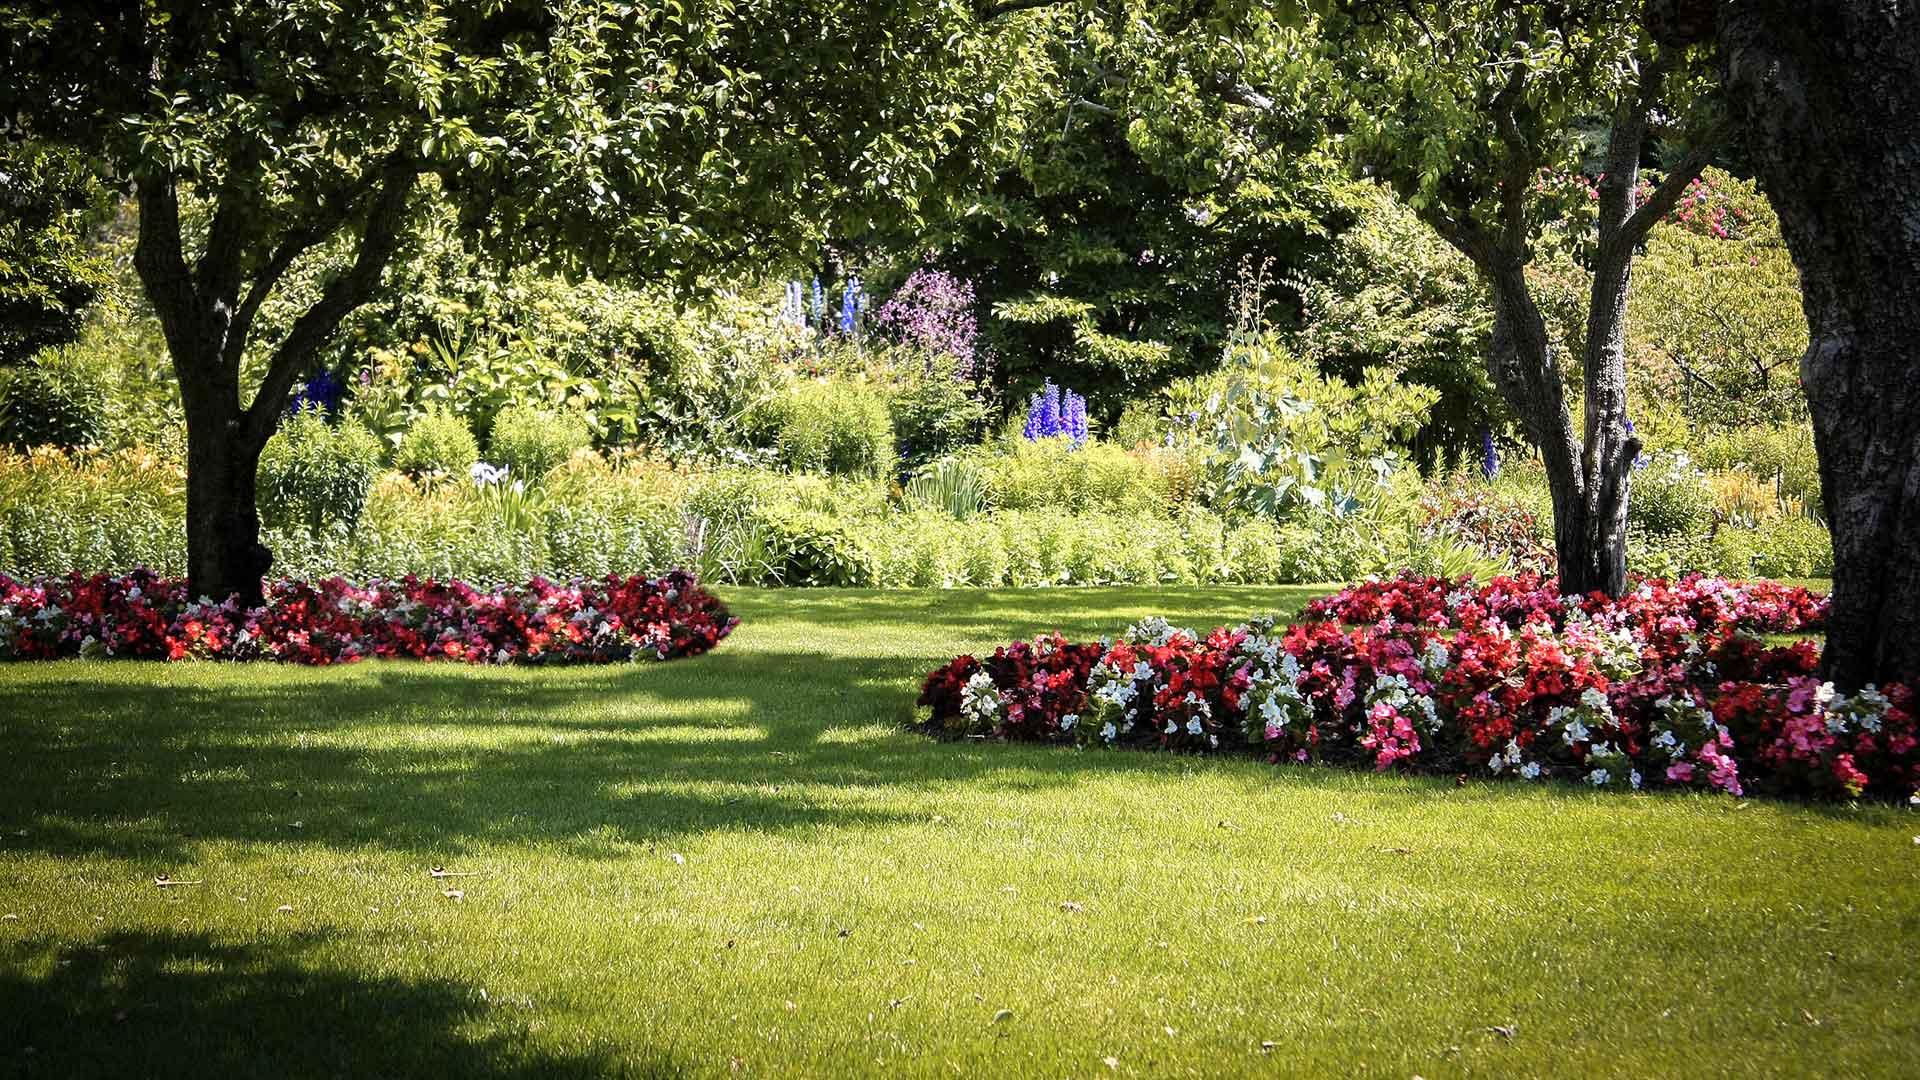 Blumengarten mit Rasen und Bäumen